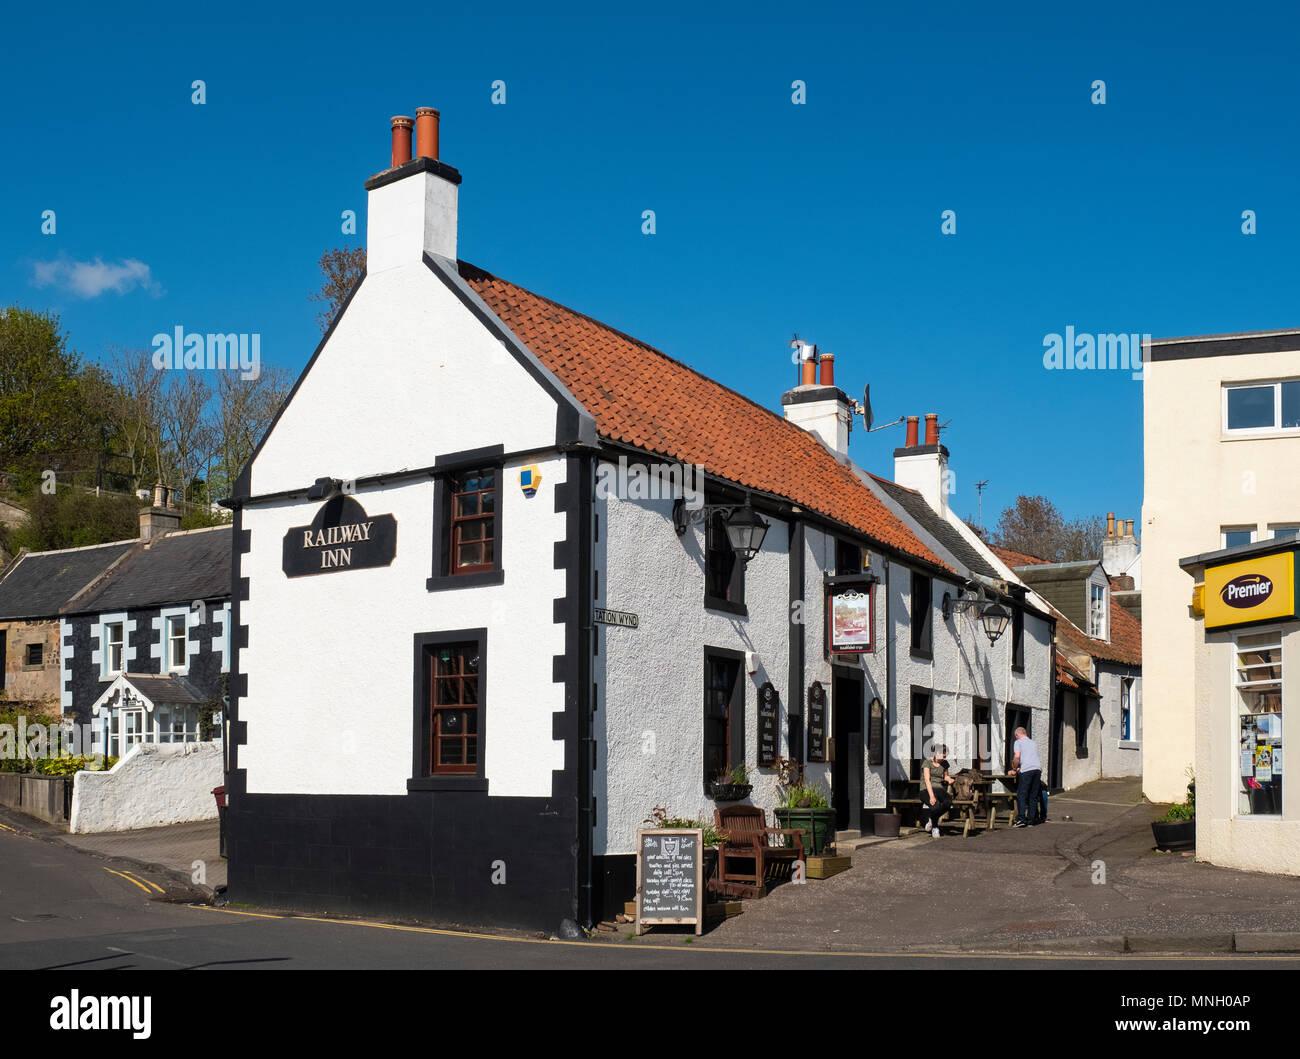 La ferrovia Inn pub in Lower Largo villaggio in Fife, Scozia, Regno Unito Immagini Stock